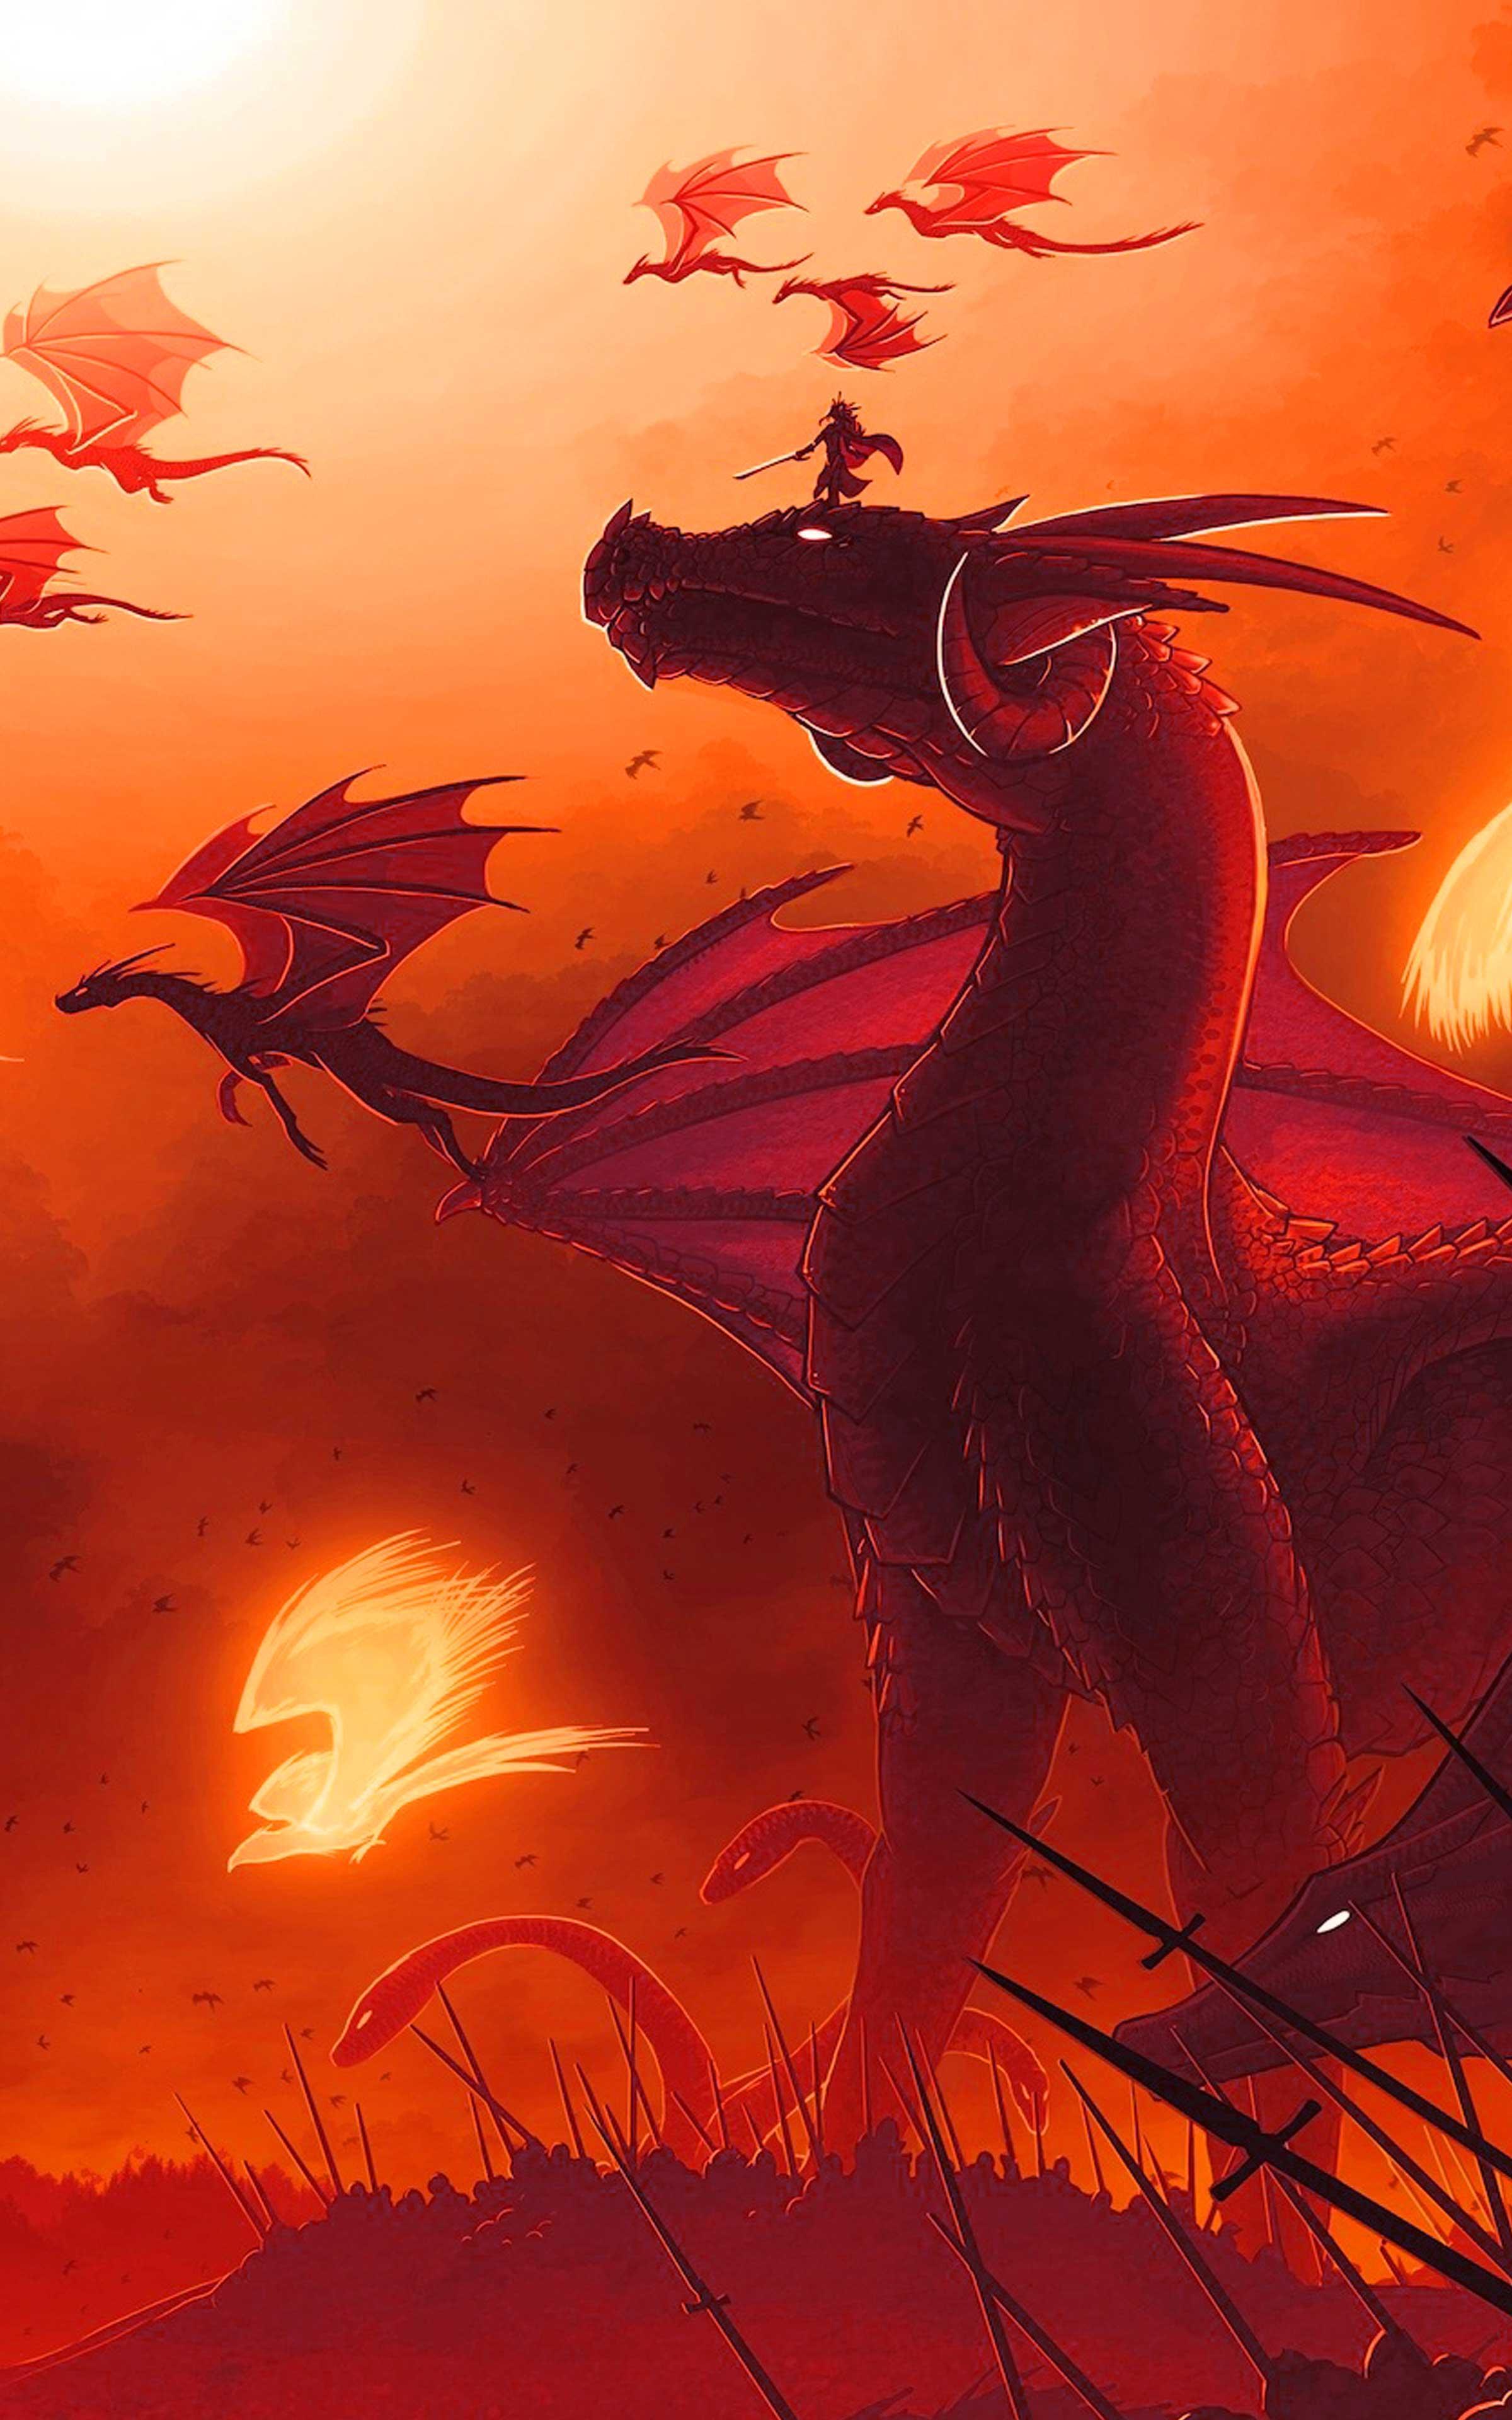 Hình ảnh con rồng đẹp